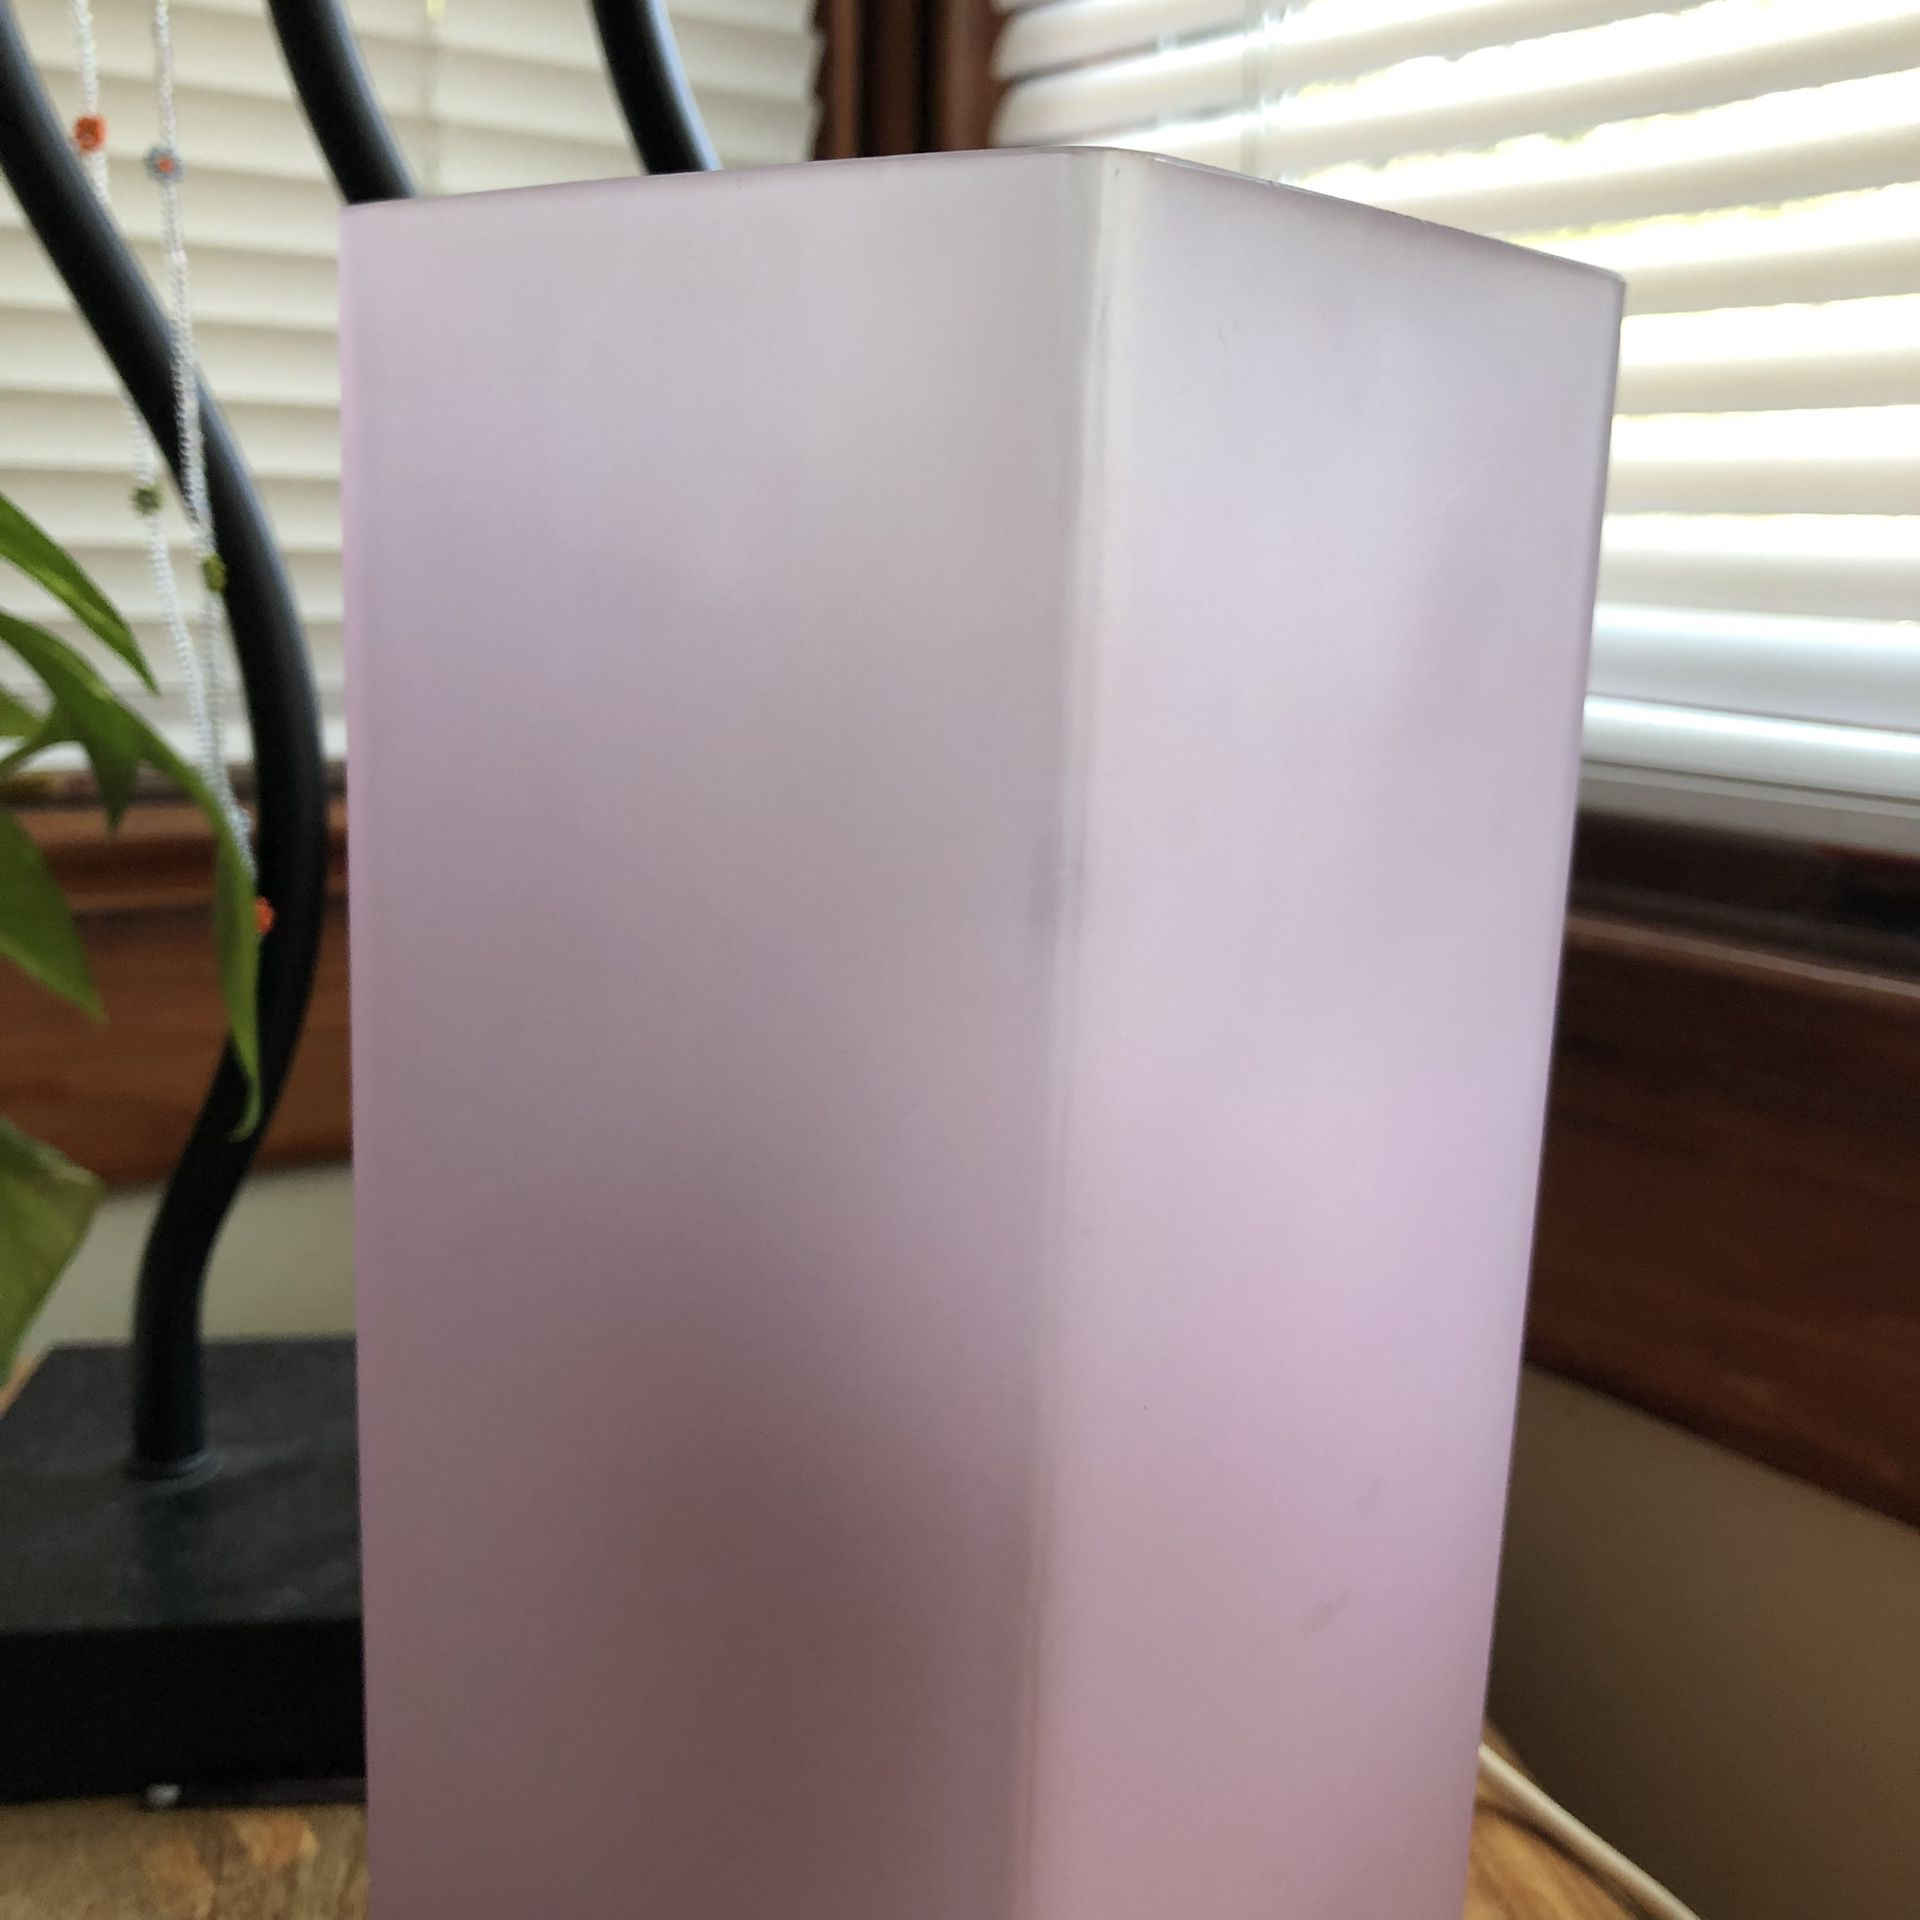 IKEA Soft Pink Lamp